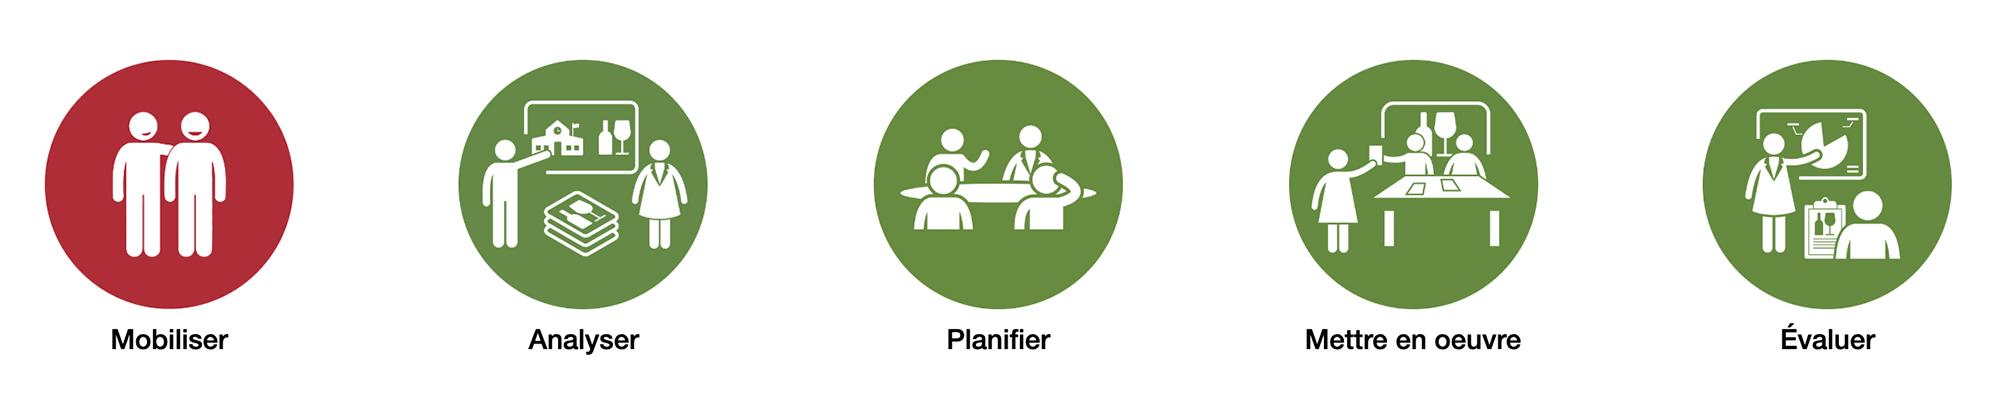 Le processus comprend mobiliser, analyser, planifier, mettre en oeuvre, Évaluer.